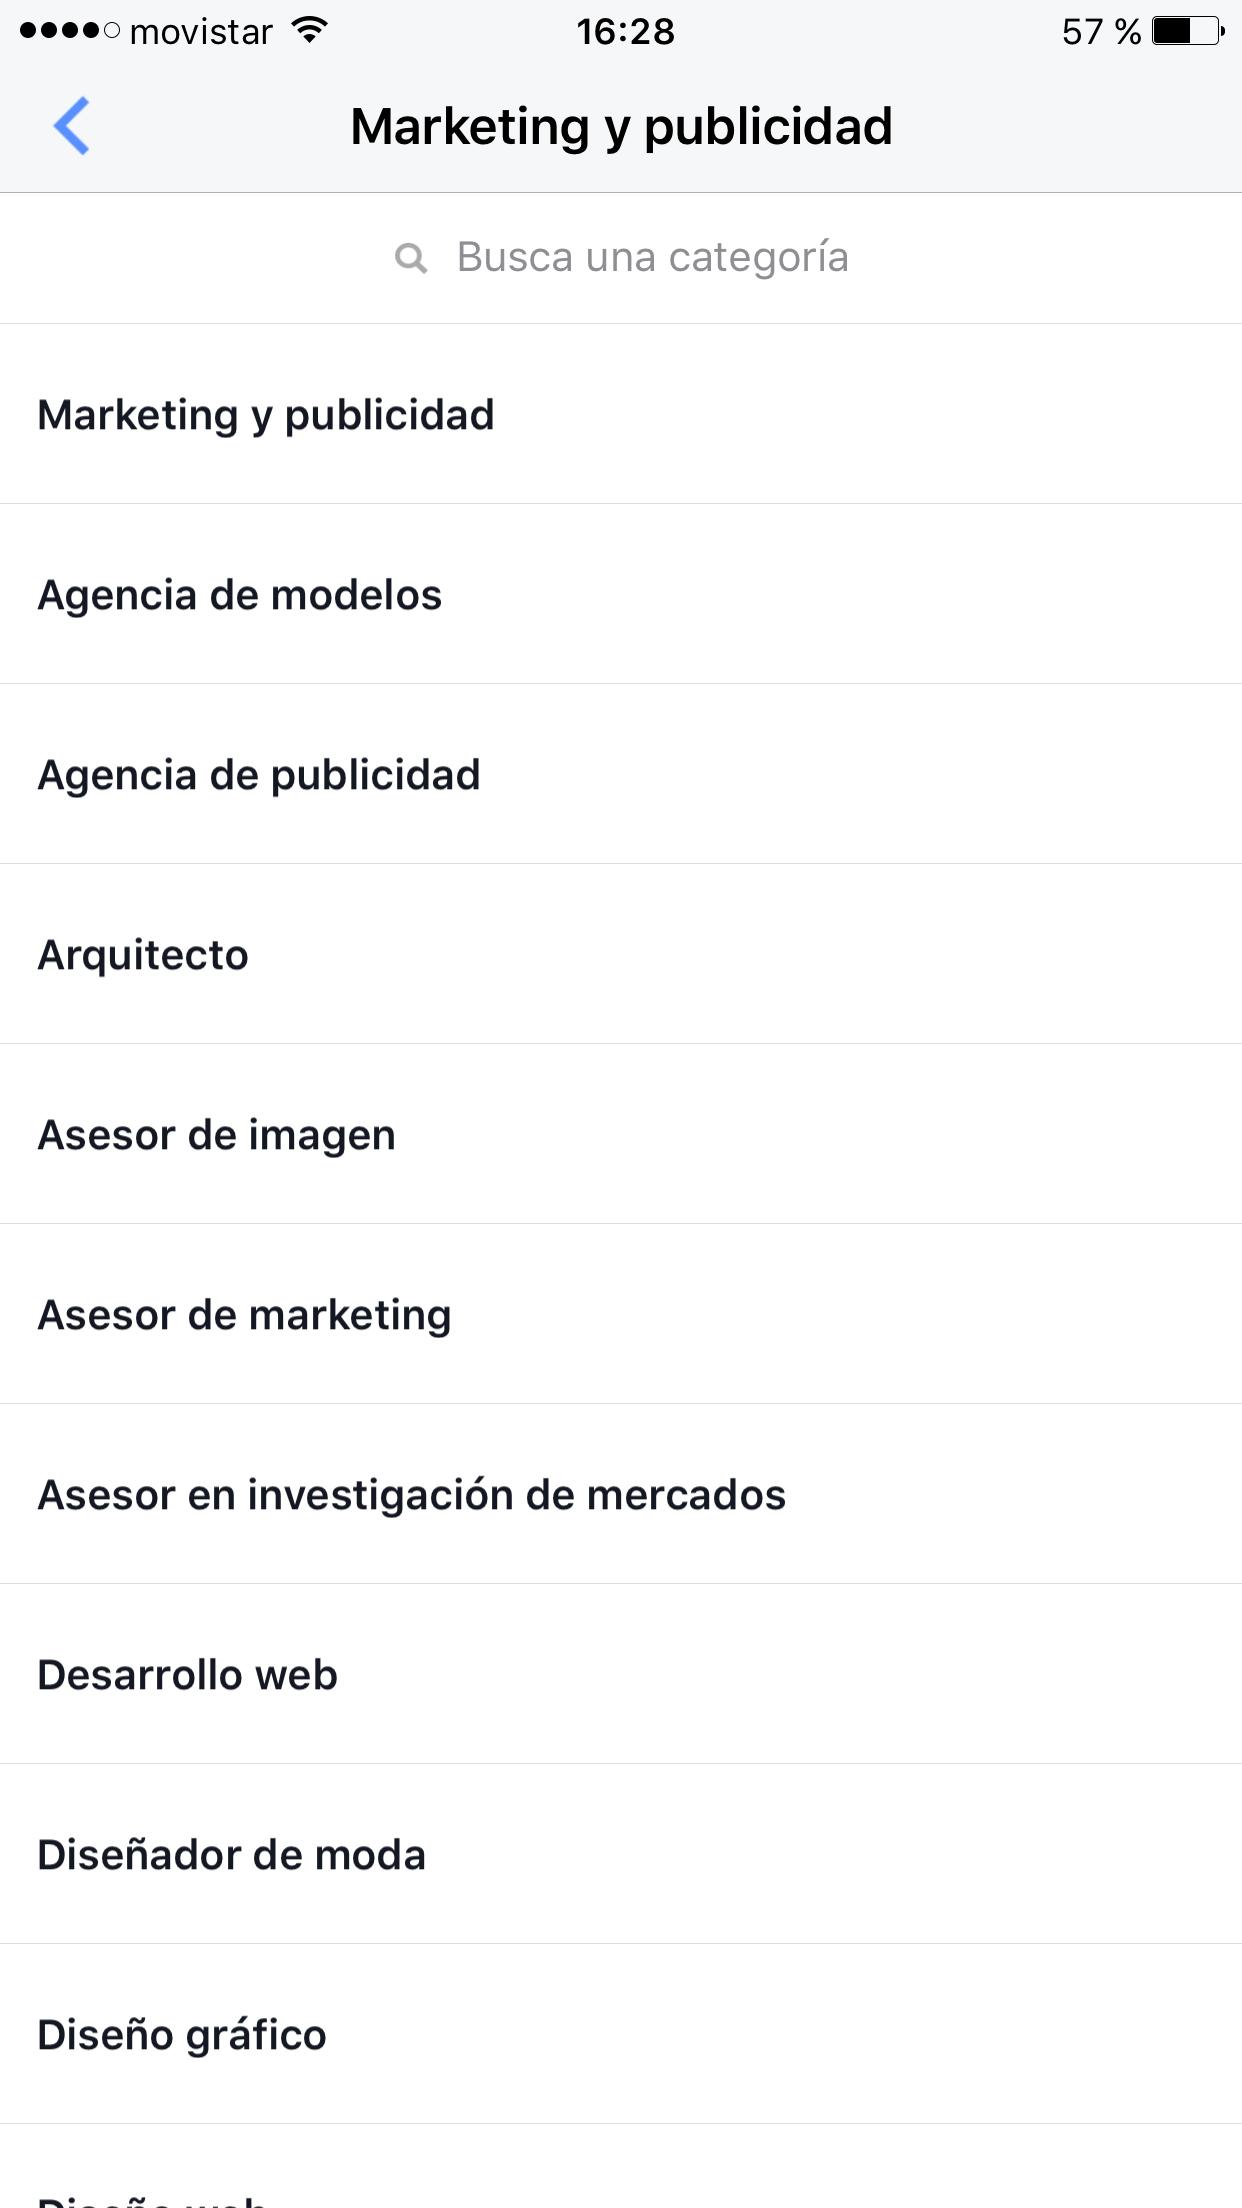 Personalizar-la-ubicación-en-Instagram-Marketiniana-05